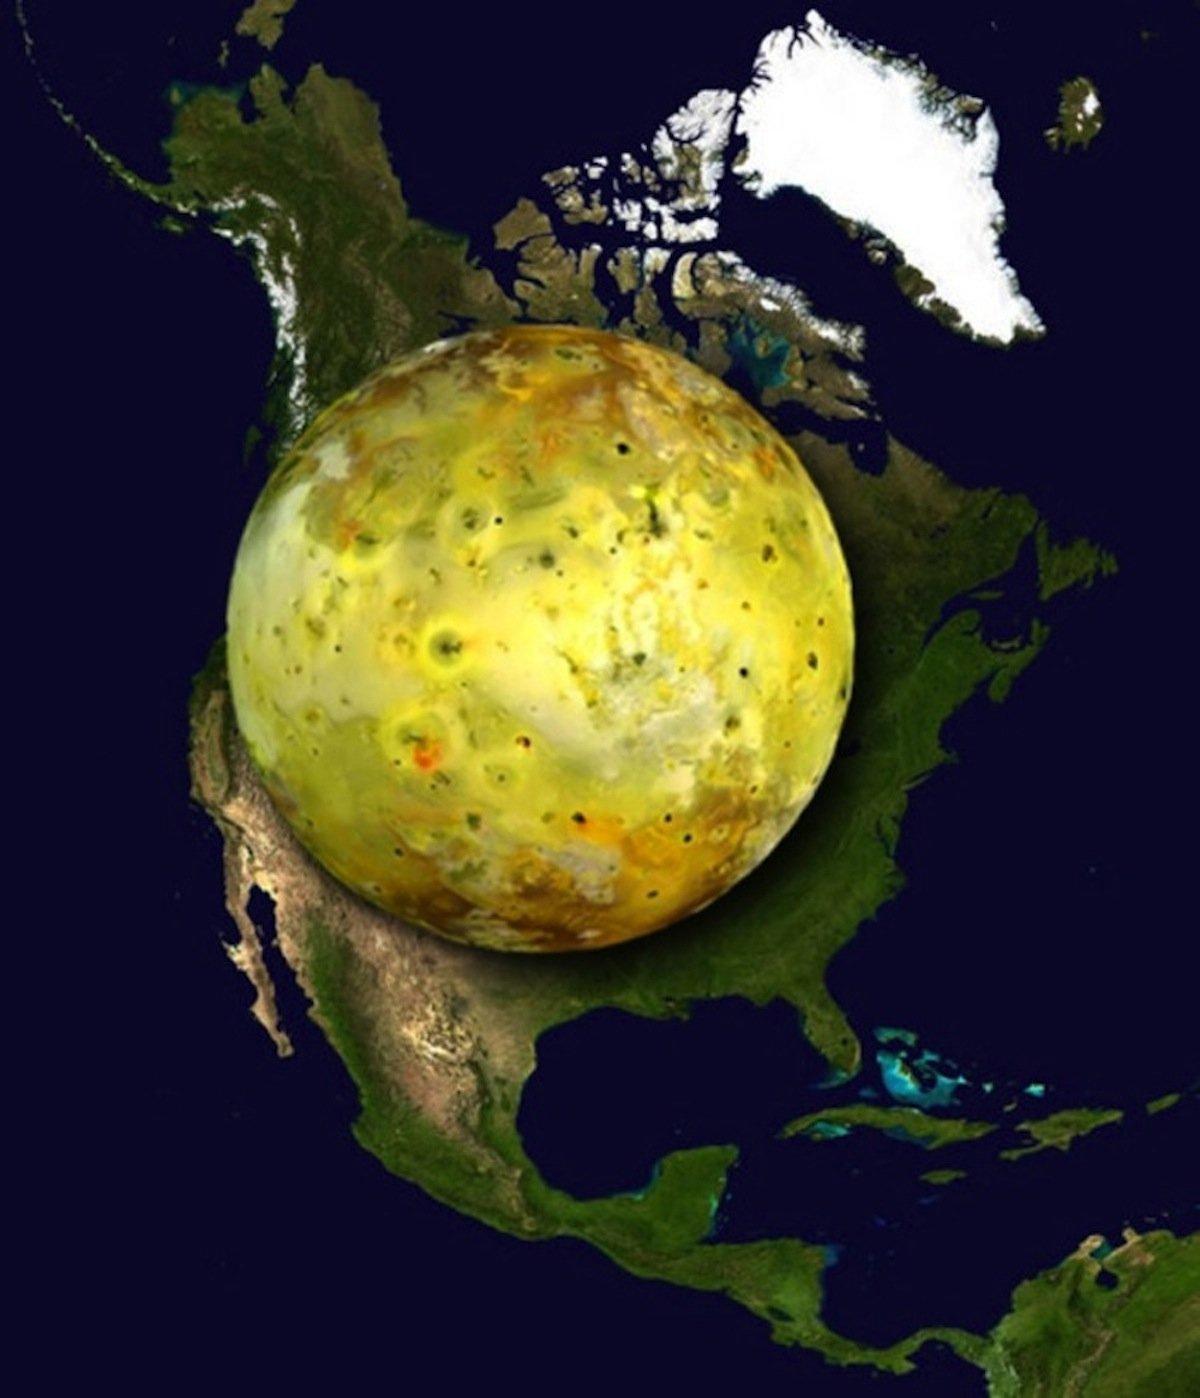 Месечината на Јупитер, Ио, е геолошки најактивниот објект во Сончевиот систем со преку 400 активни вулкани. Северна Америка има само 100.